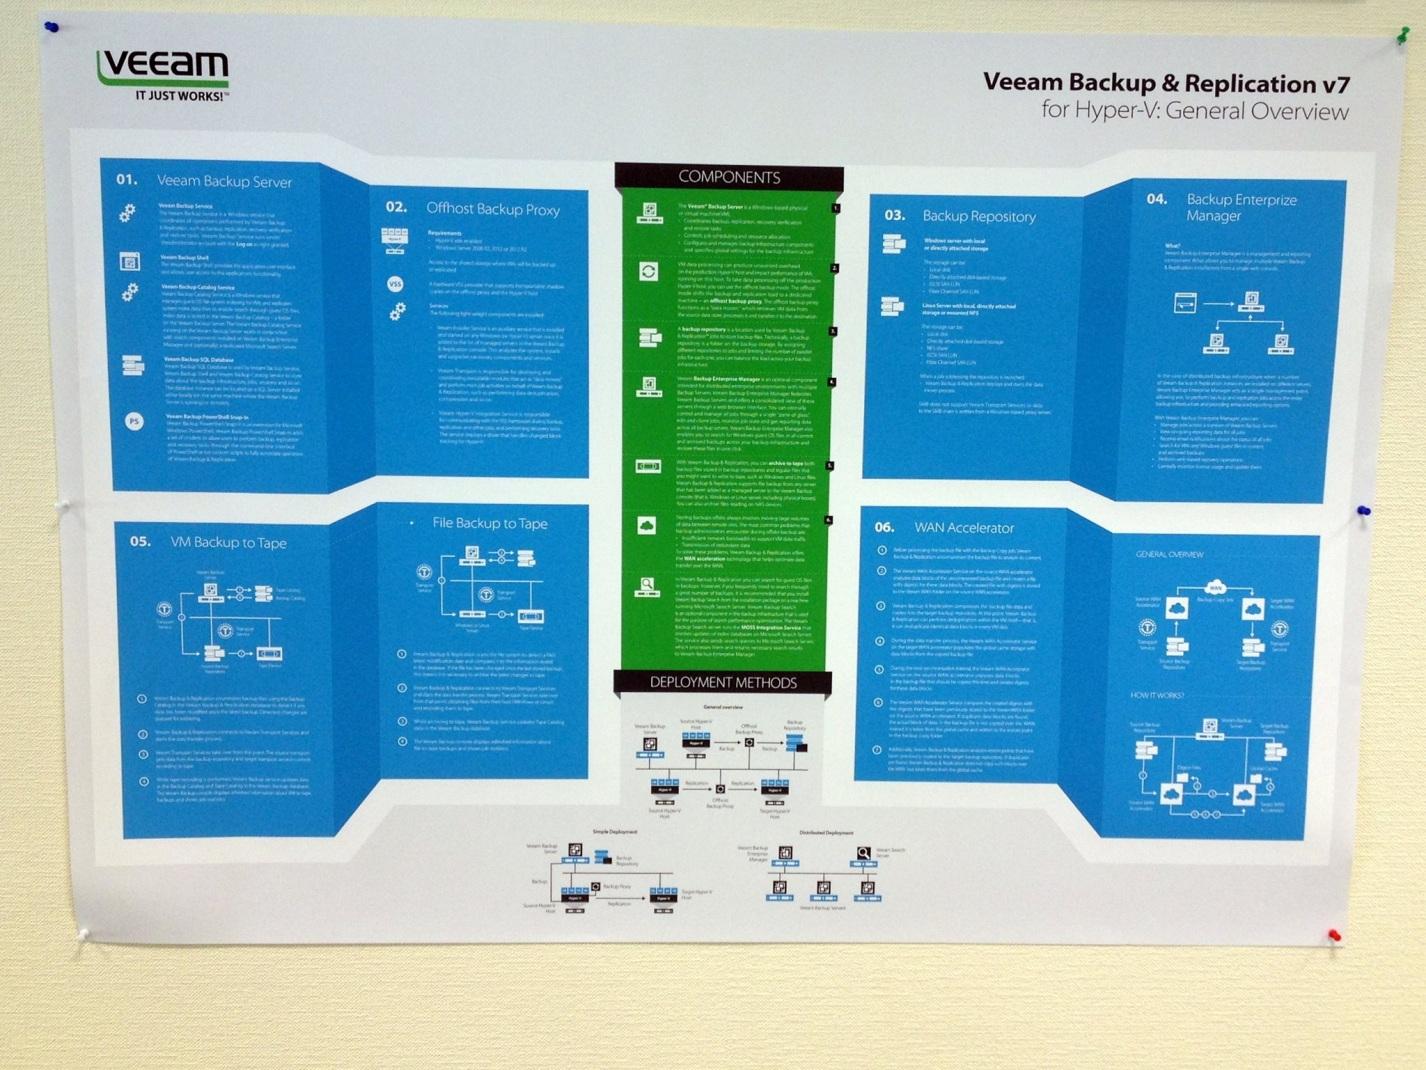 Poster: Veeam Backup & Replication for Hyper-V – General Overview